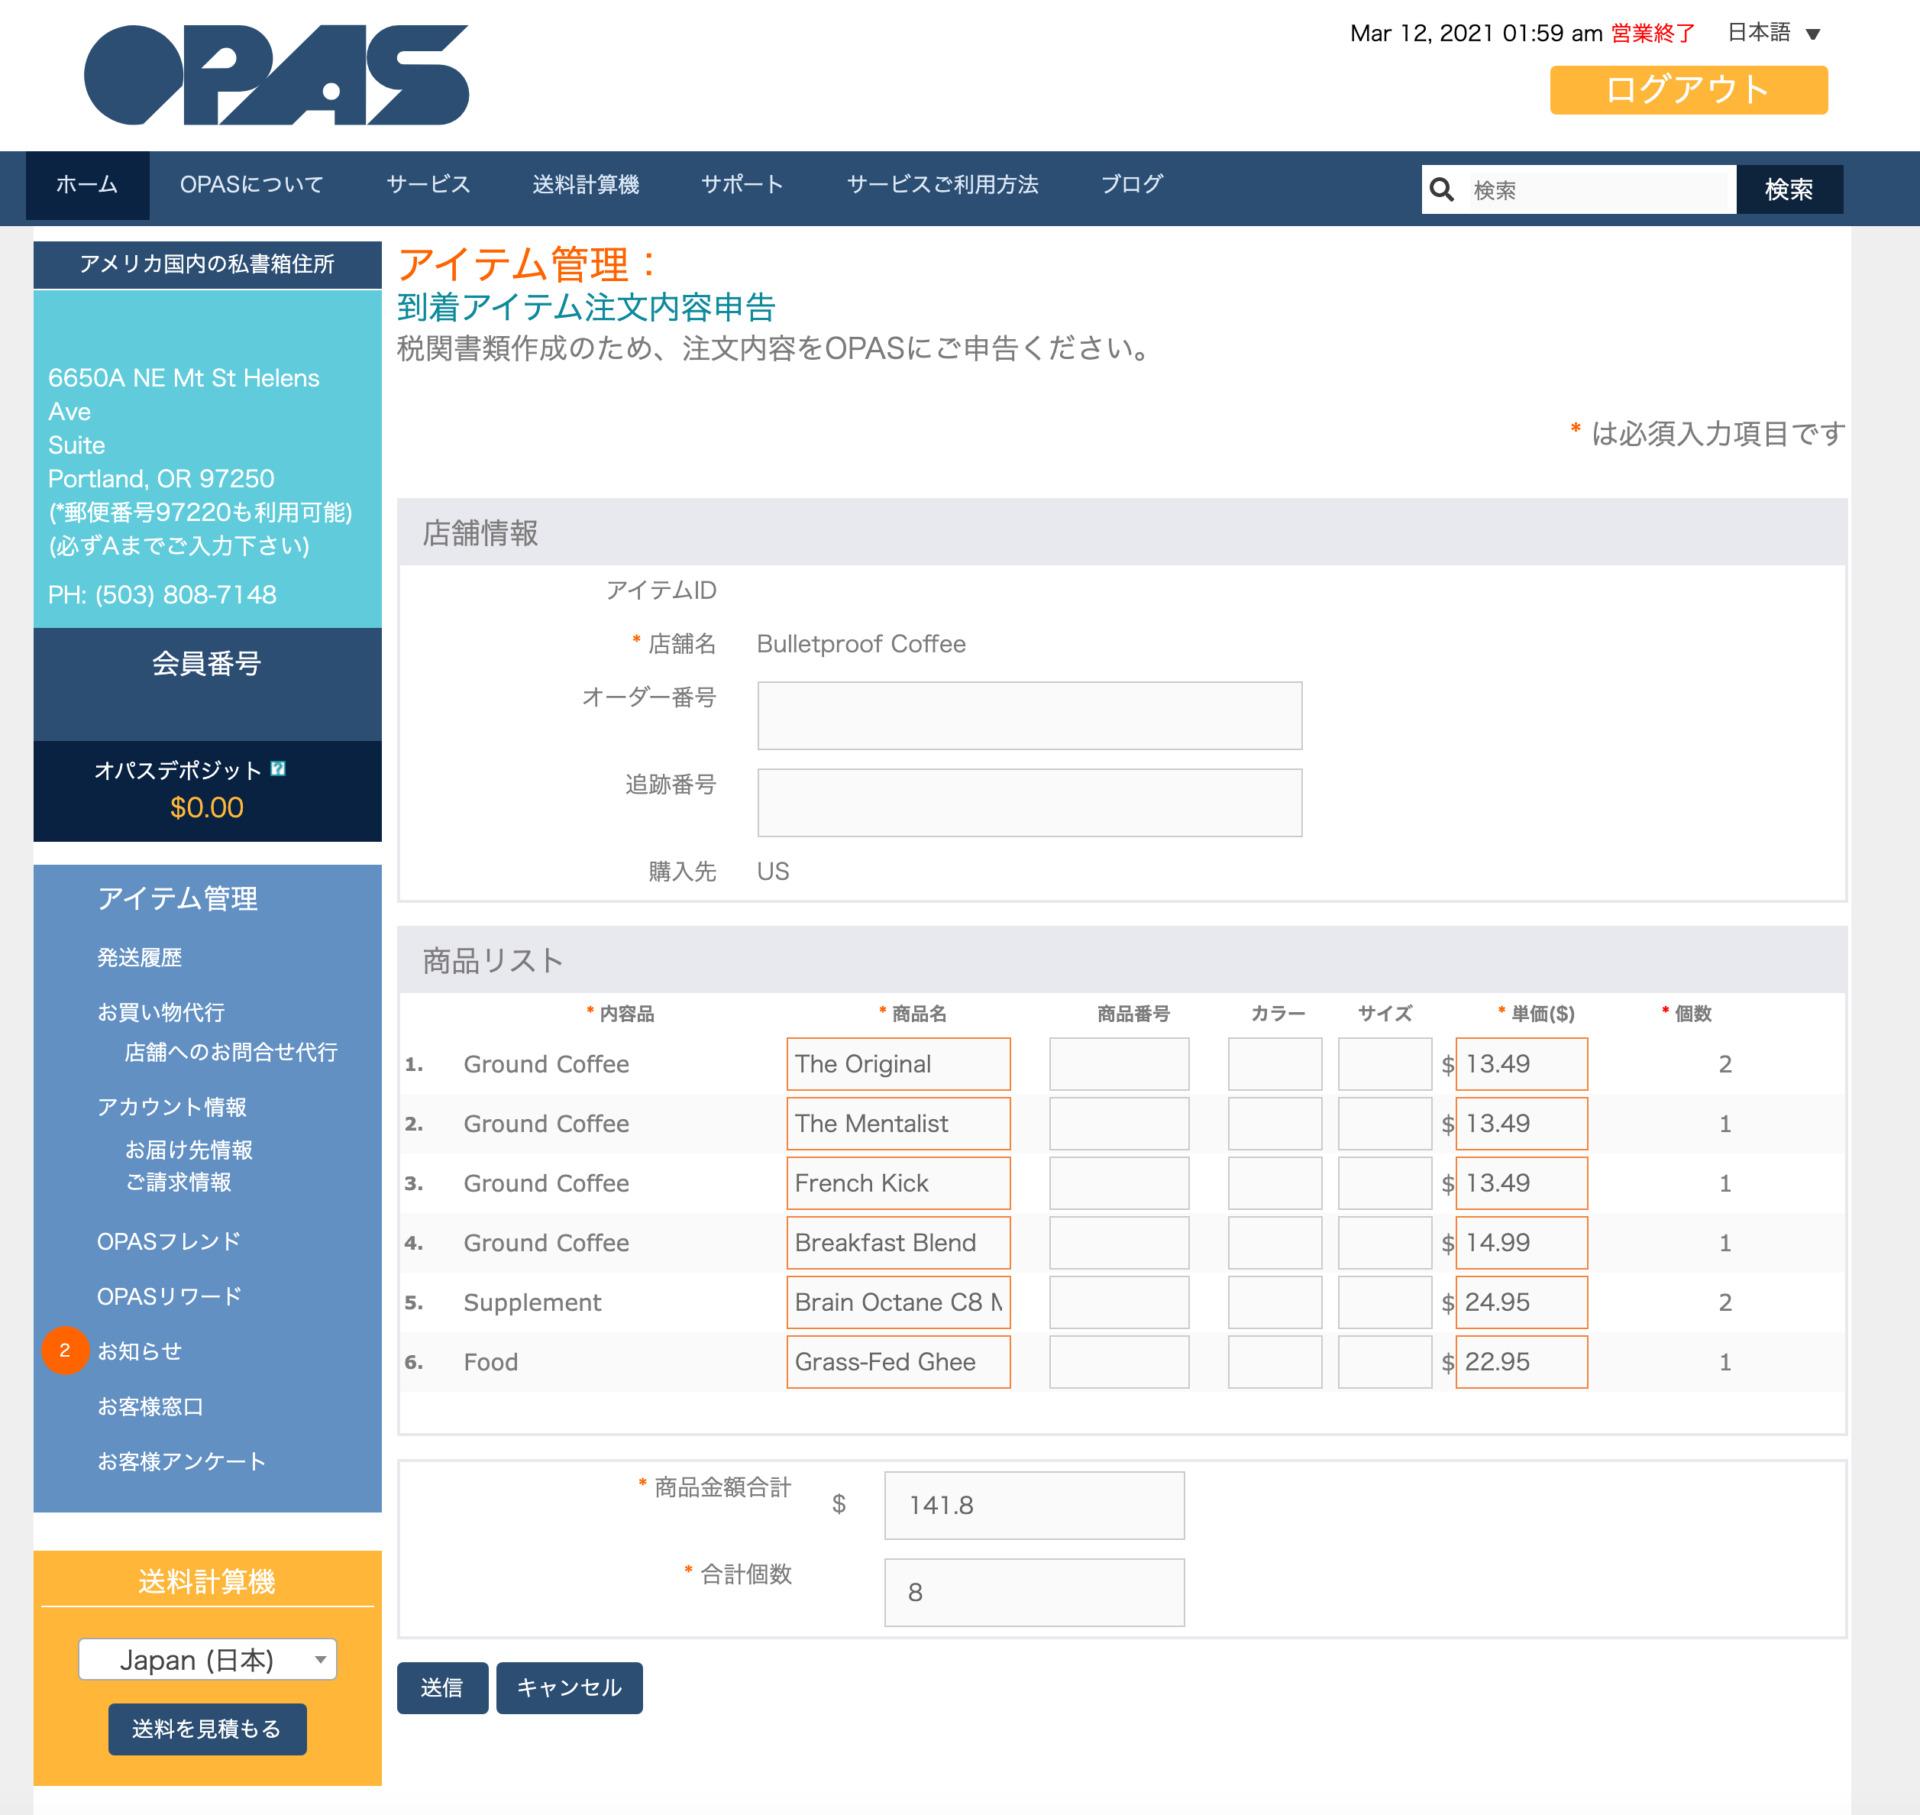 海外転送サービスの「OPAS オパス」使い方を解説 到着アイテム注文内容申告